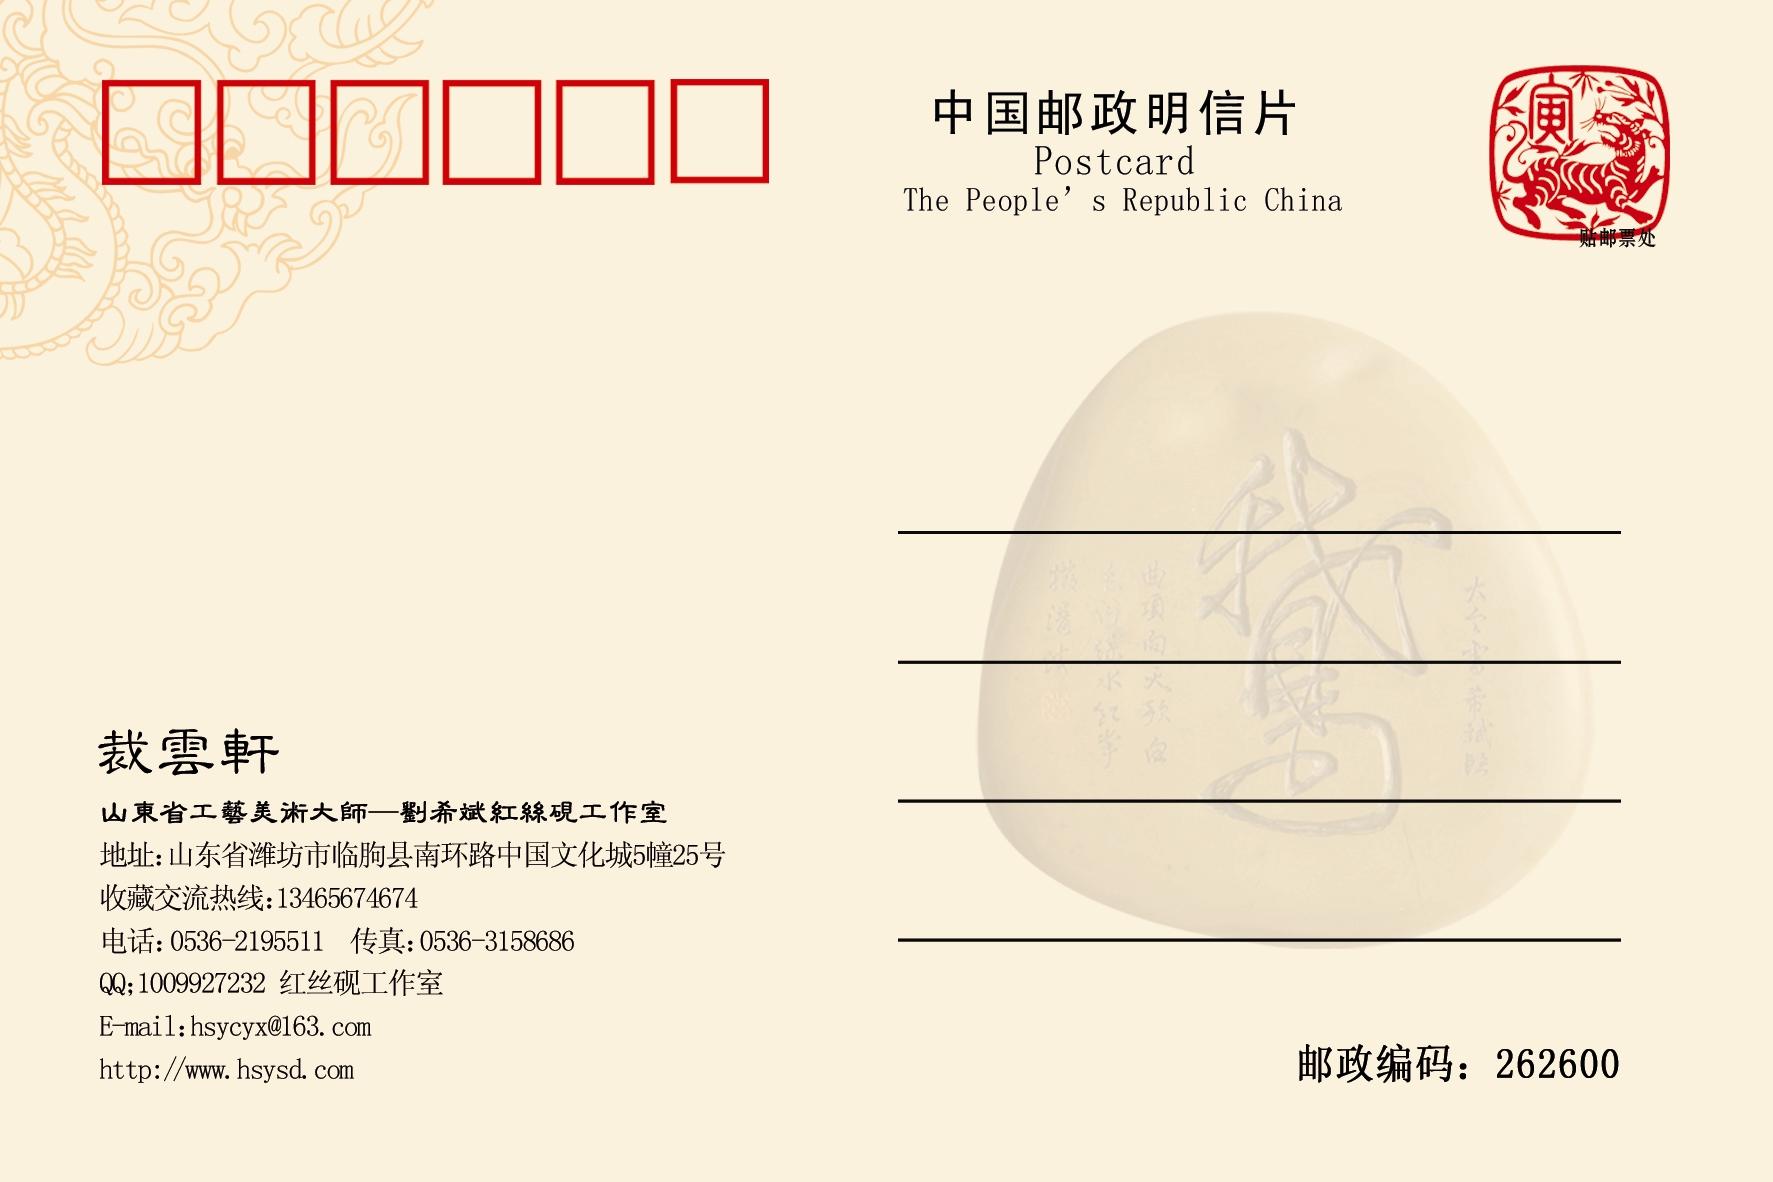 红丝砚山东省工艺美术大师工作室的空间